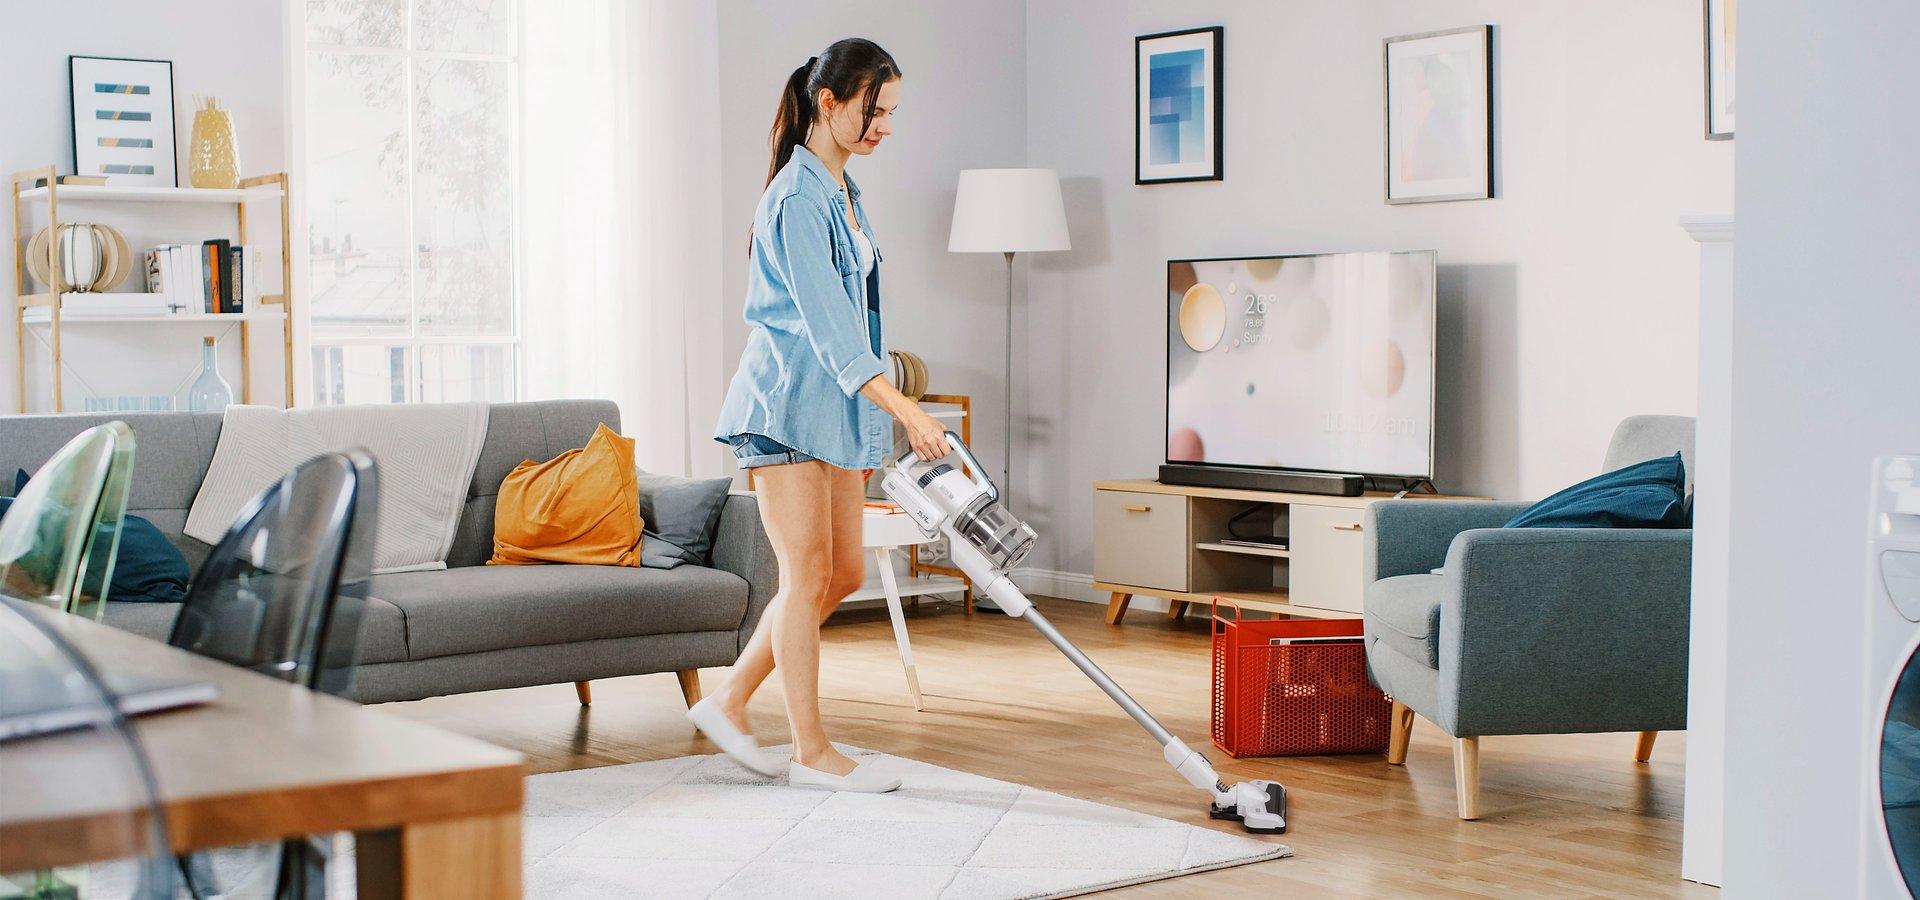 Swobodne i efektywne sprzątanie z nowym odkurzaczem Teesa Sweeper 7000